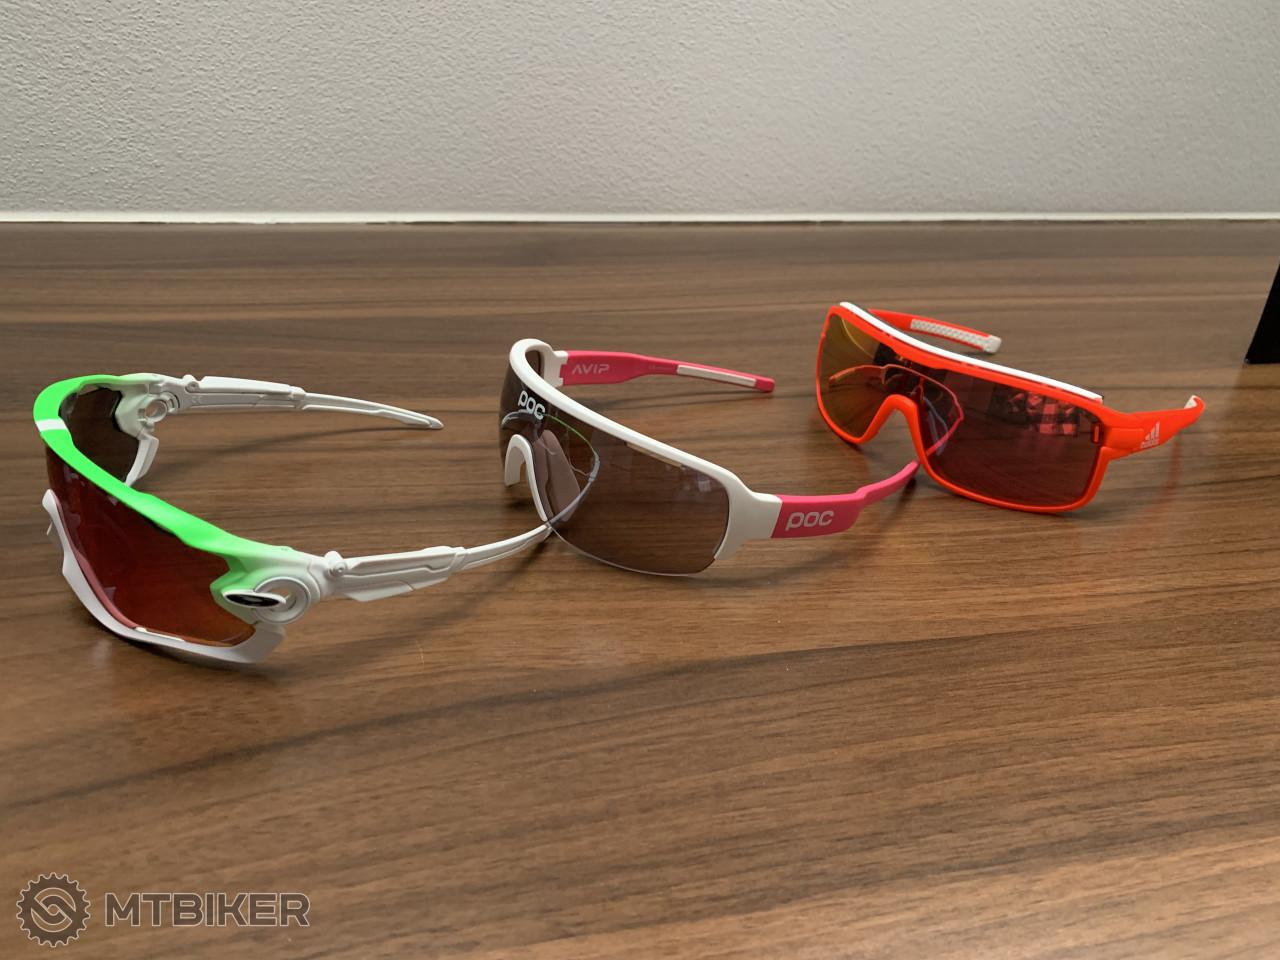 092f5b45e Okuliare Oakley, Adidas A Poc - Príslušenstvo - Okuliare - Bazár MTBIKER